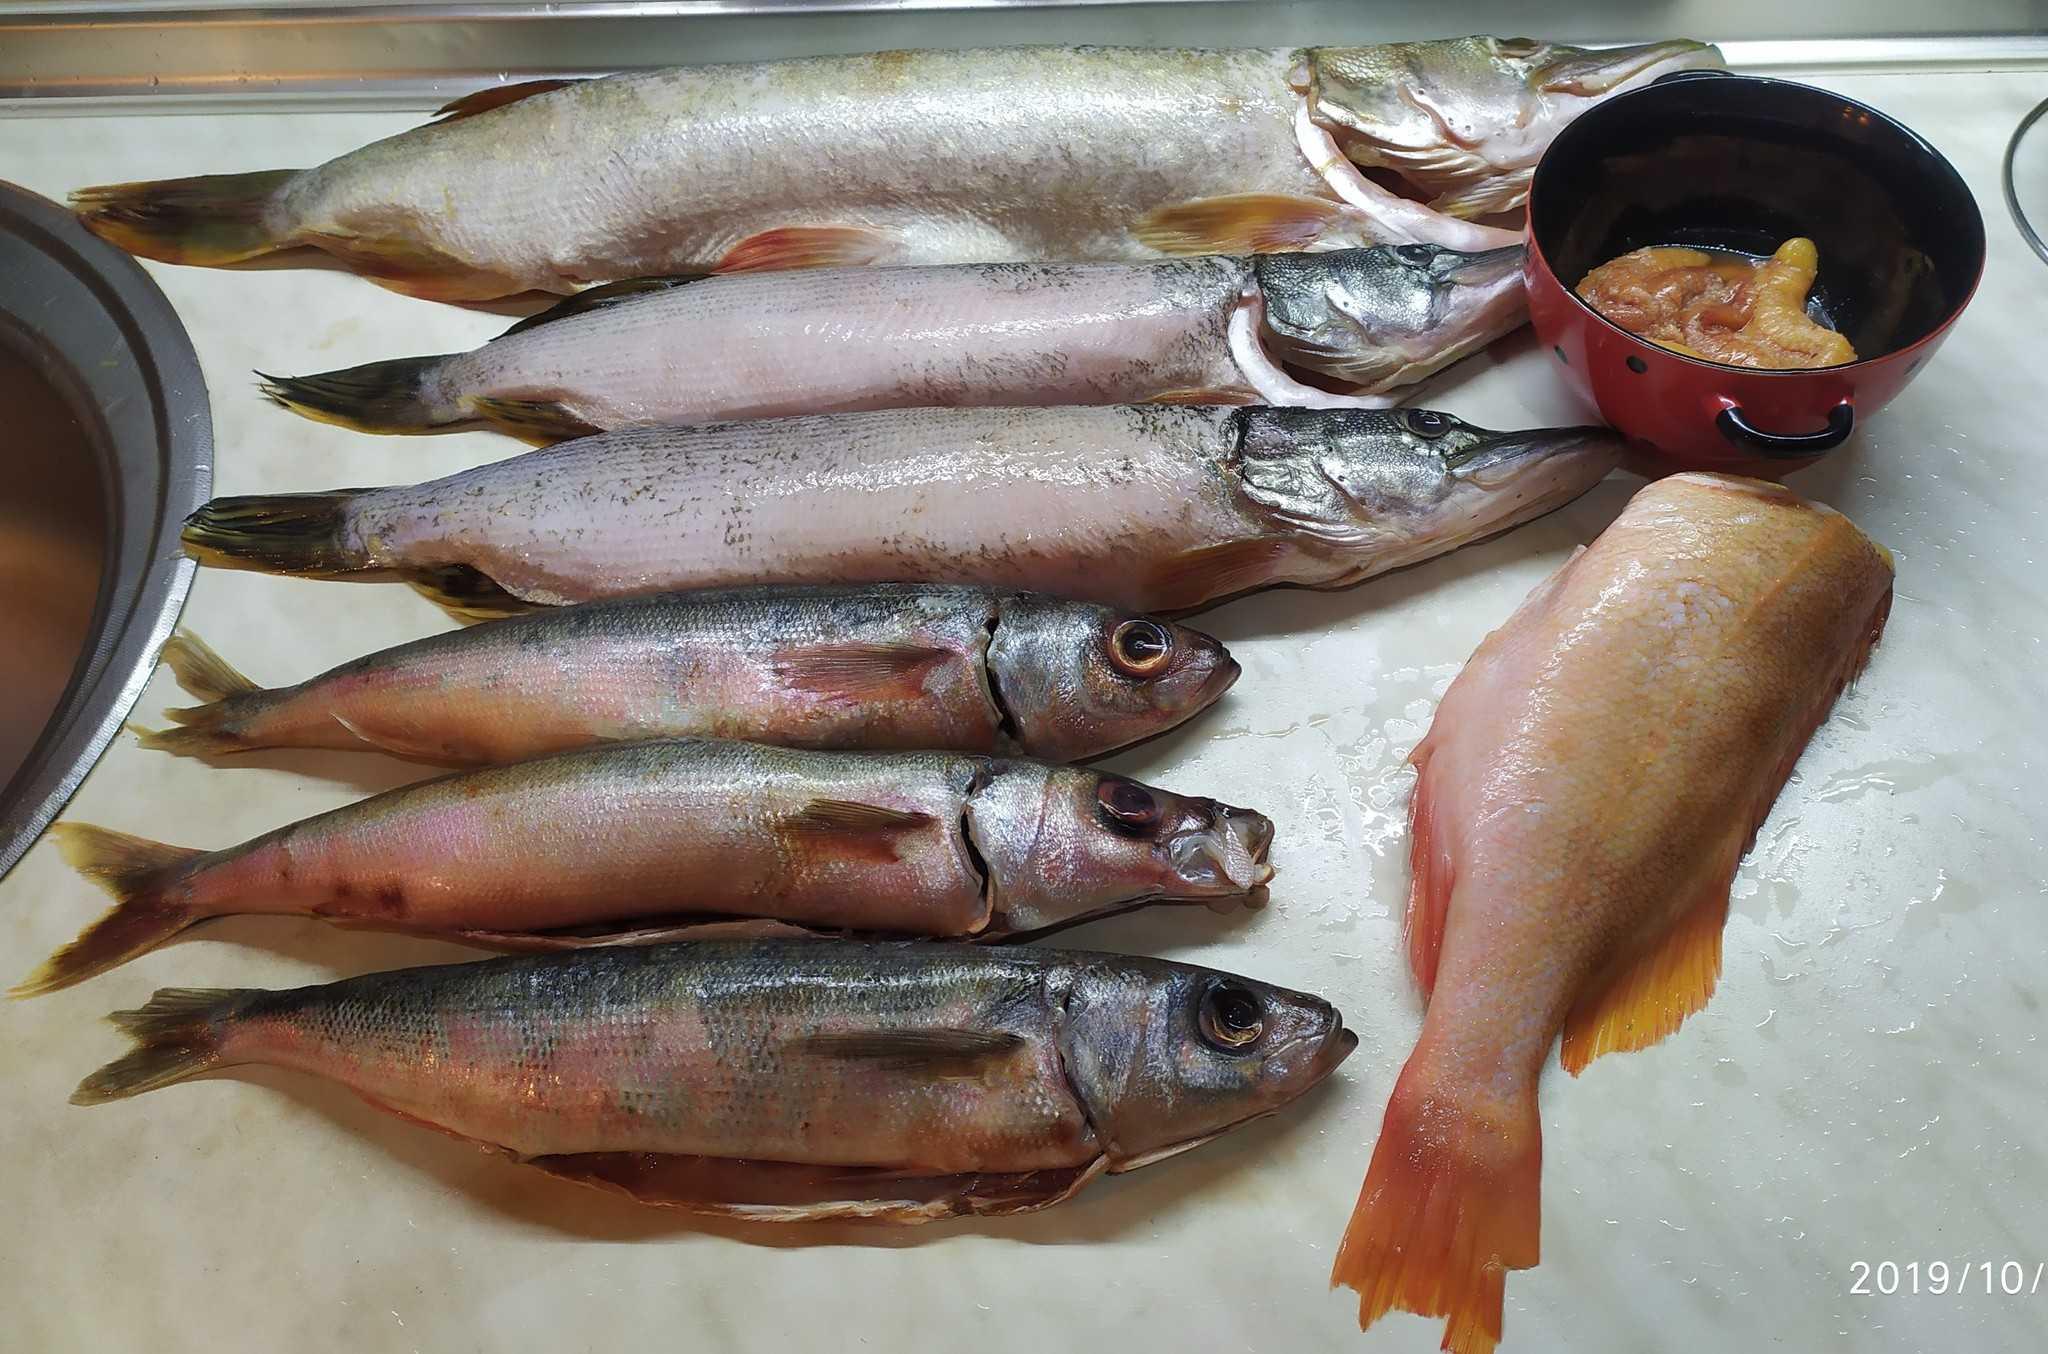 Холодное копчение рыбы: подготовка, засолка, хранение. как коптить рыбу холодного копчения в домашних условиях?